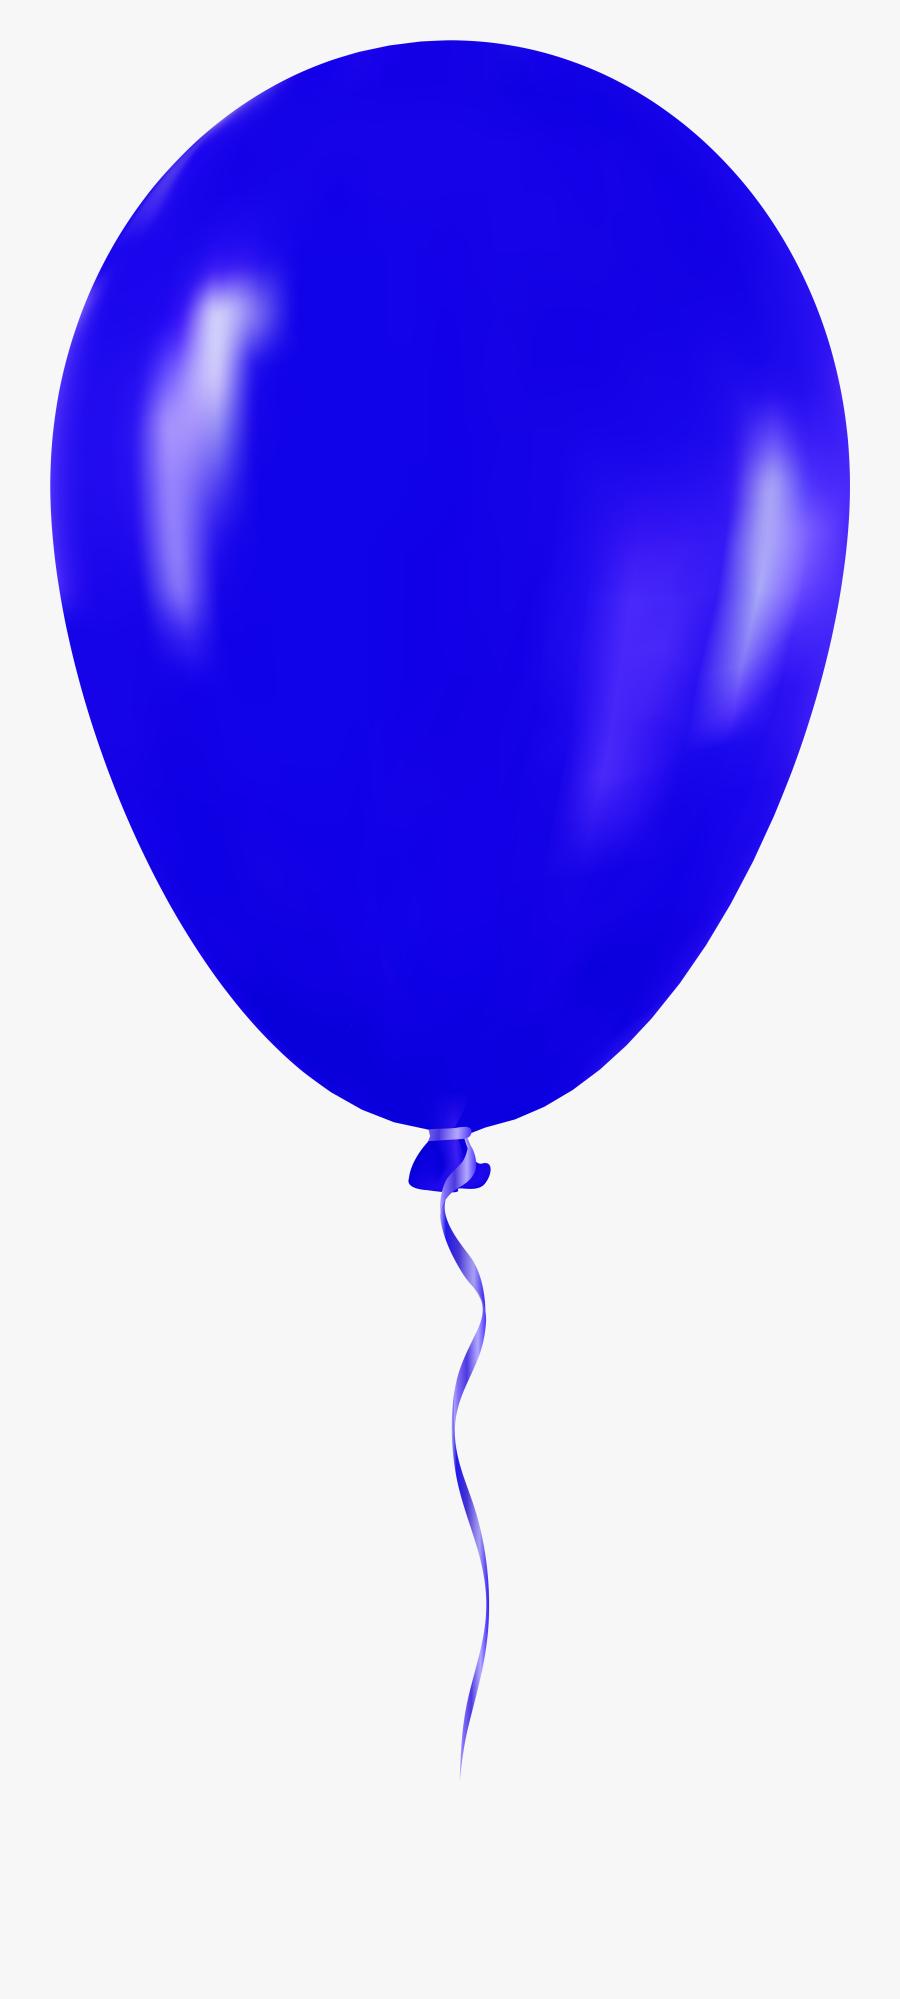 Blue Balloon Png Clip Art - Clip Art Blue Balloon, Transparent Clipart